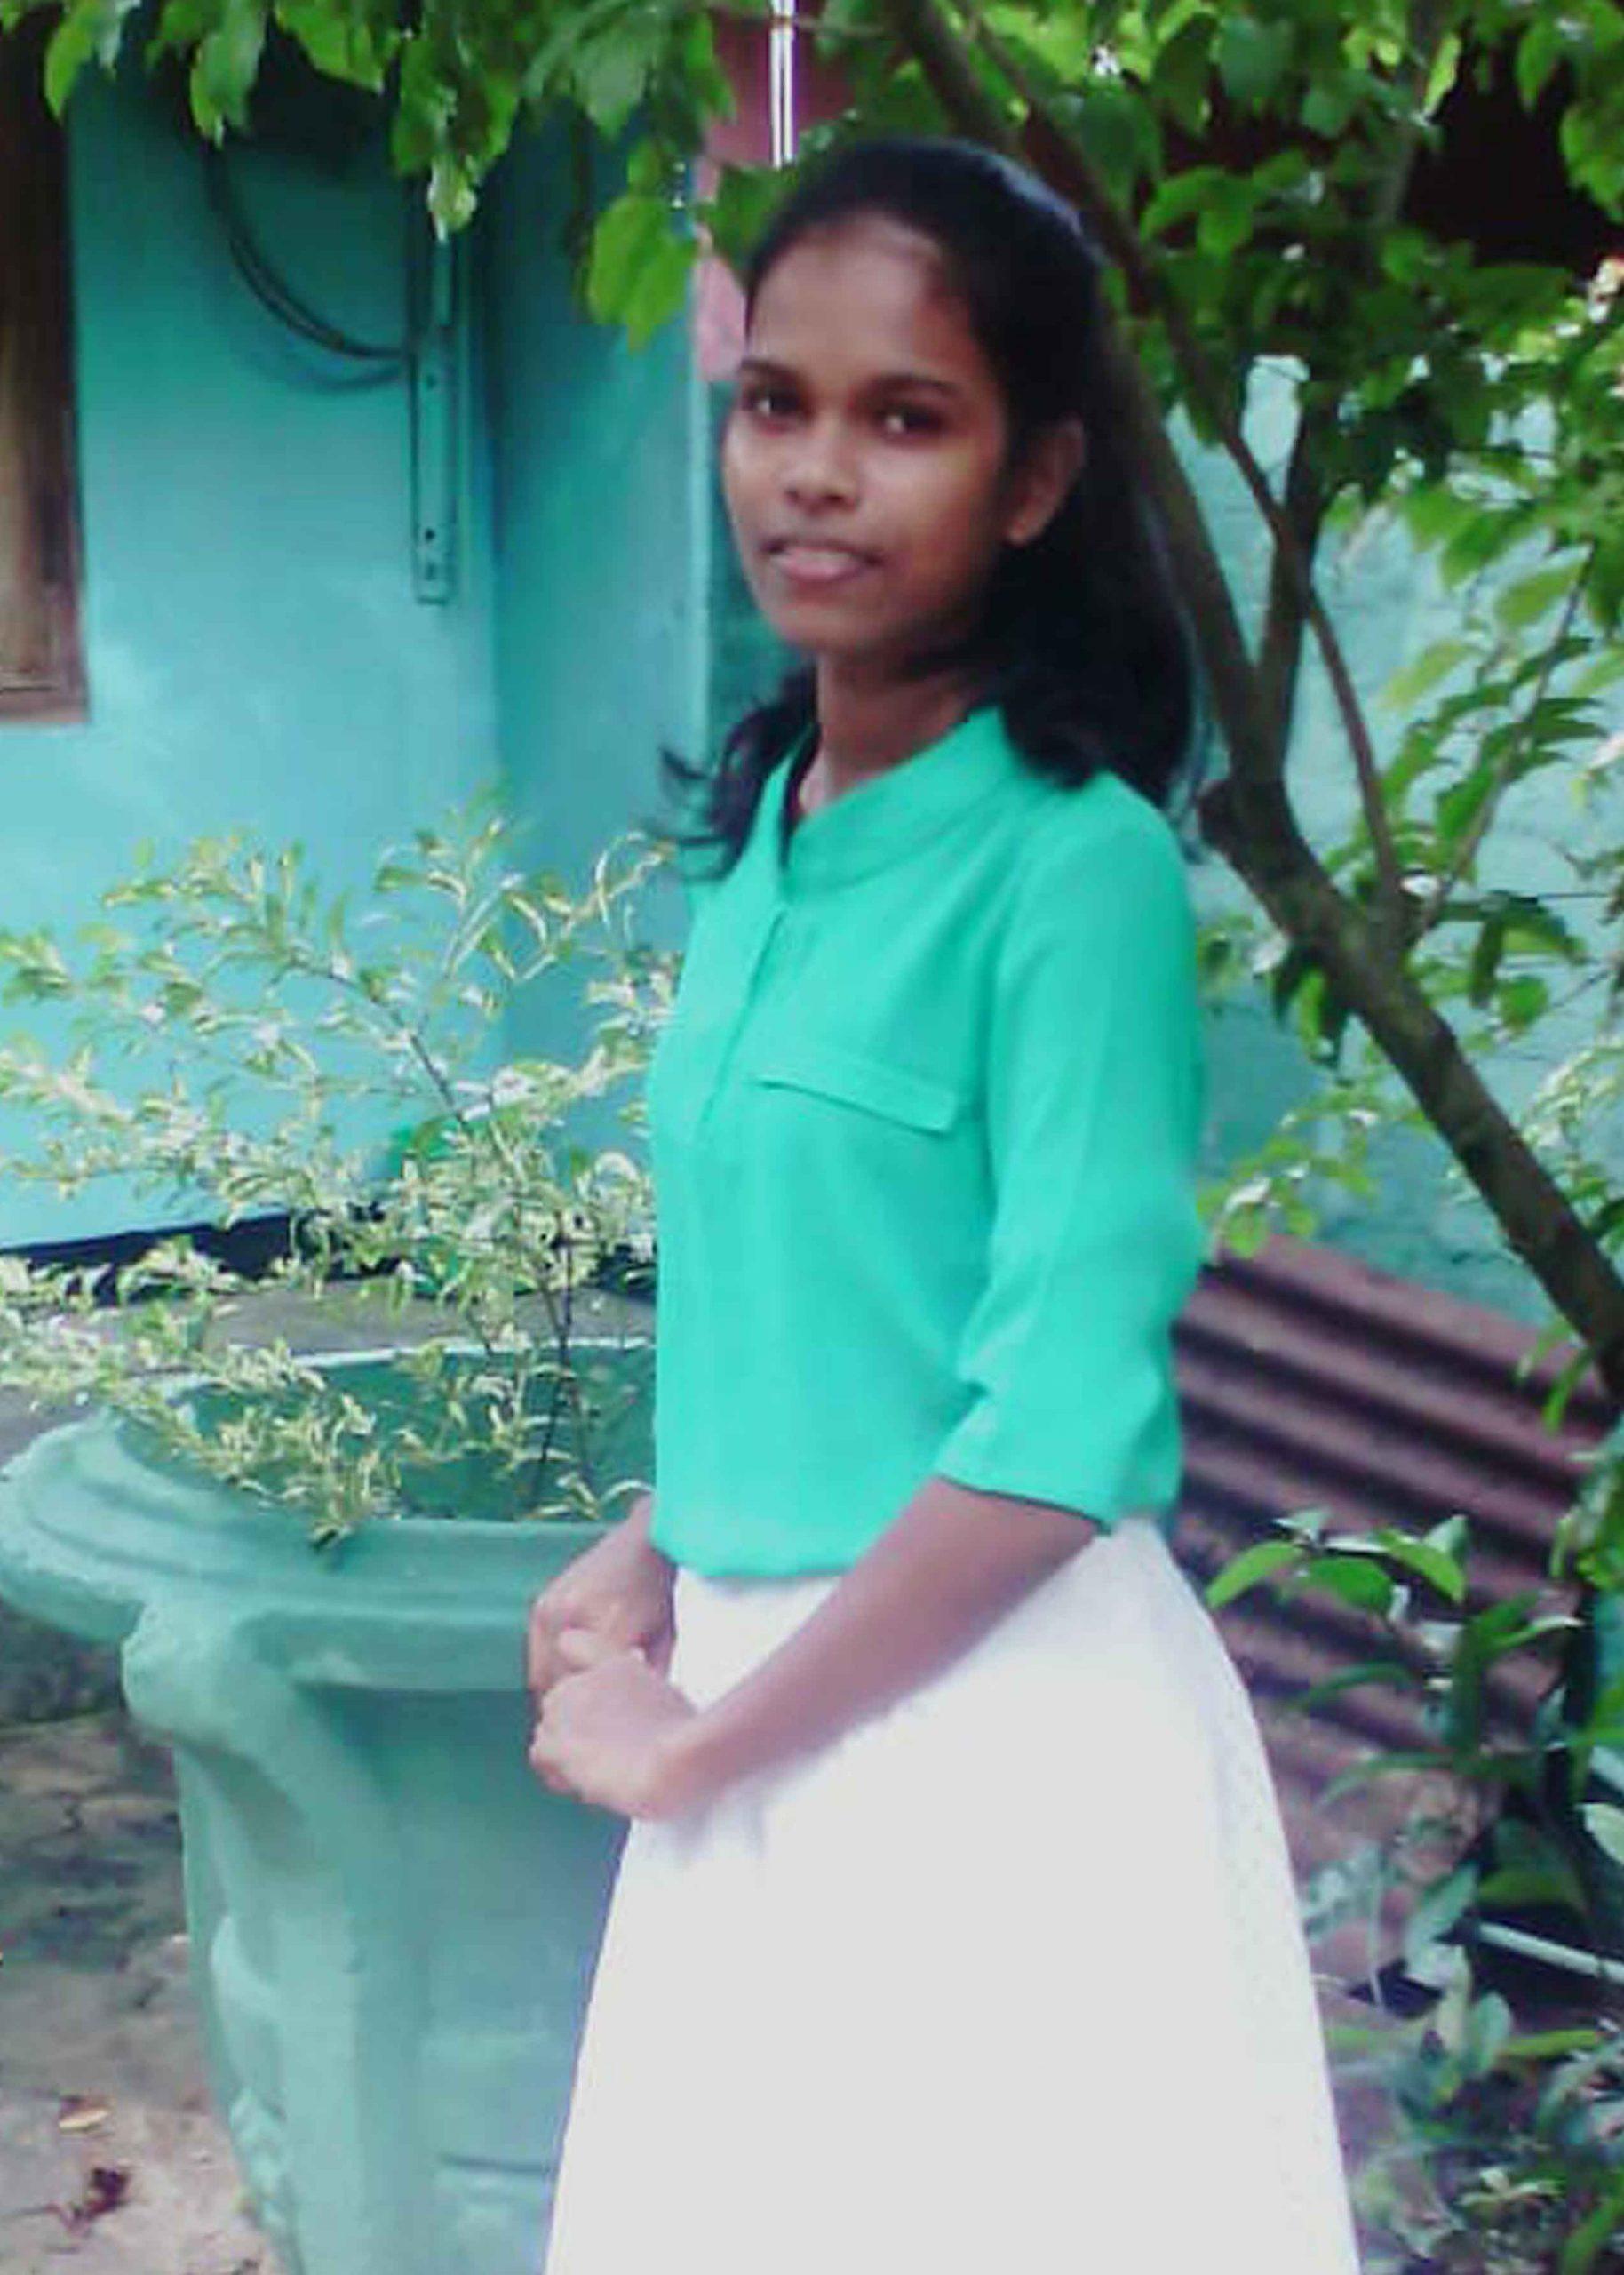 Malithi Pabasara